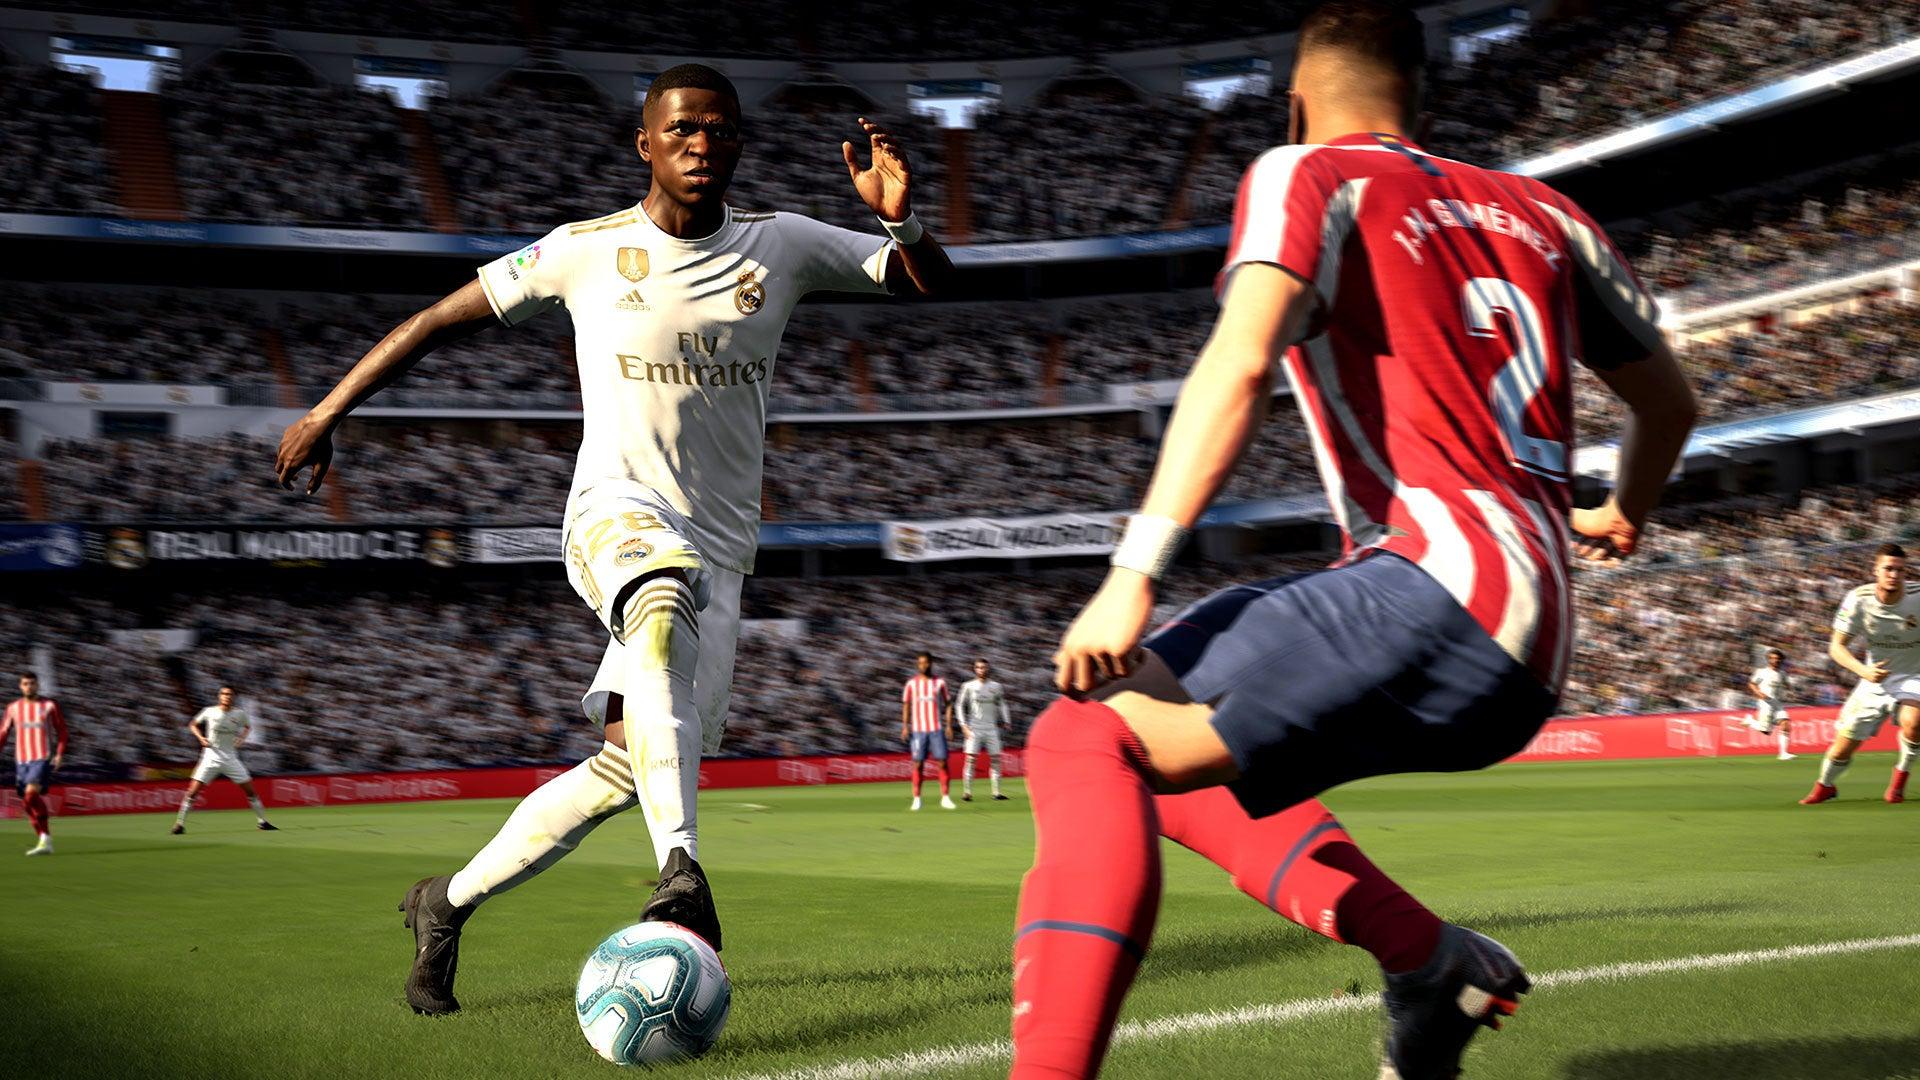 modo carreira FIFA 20